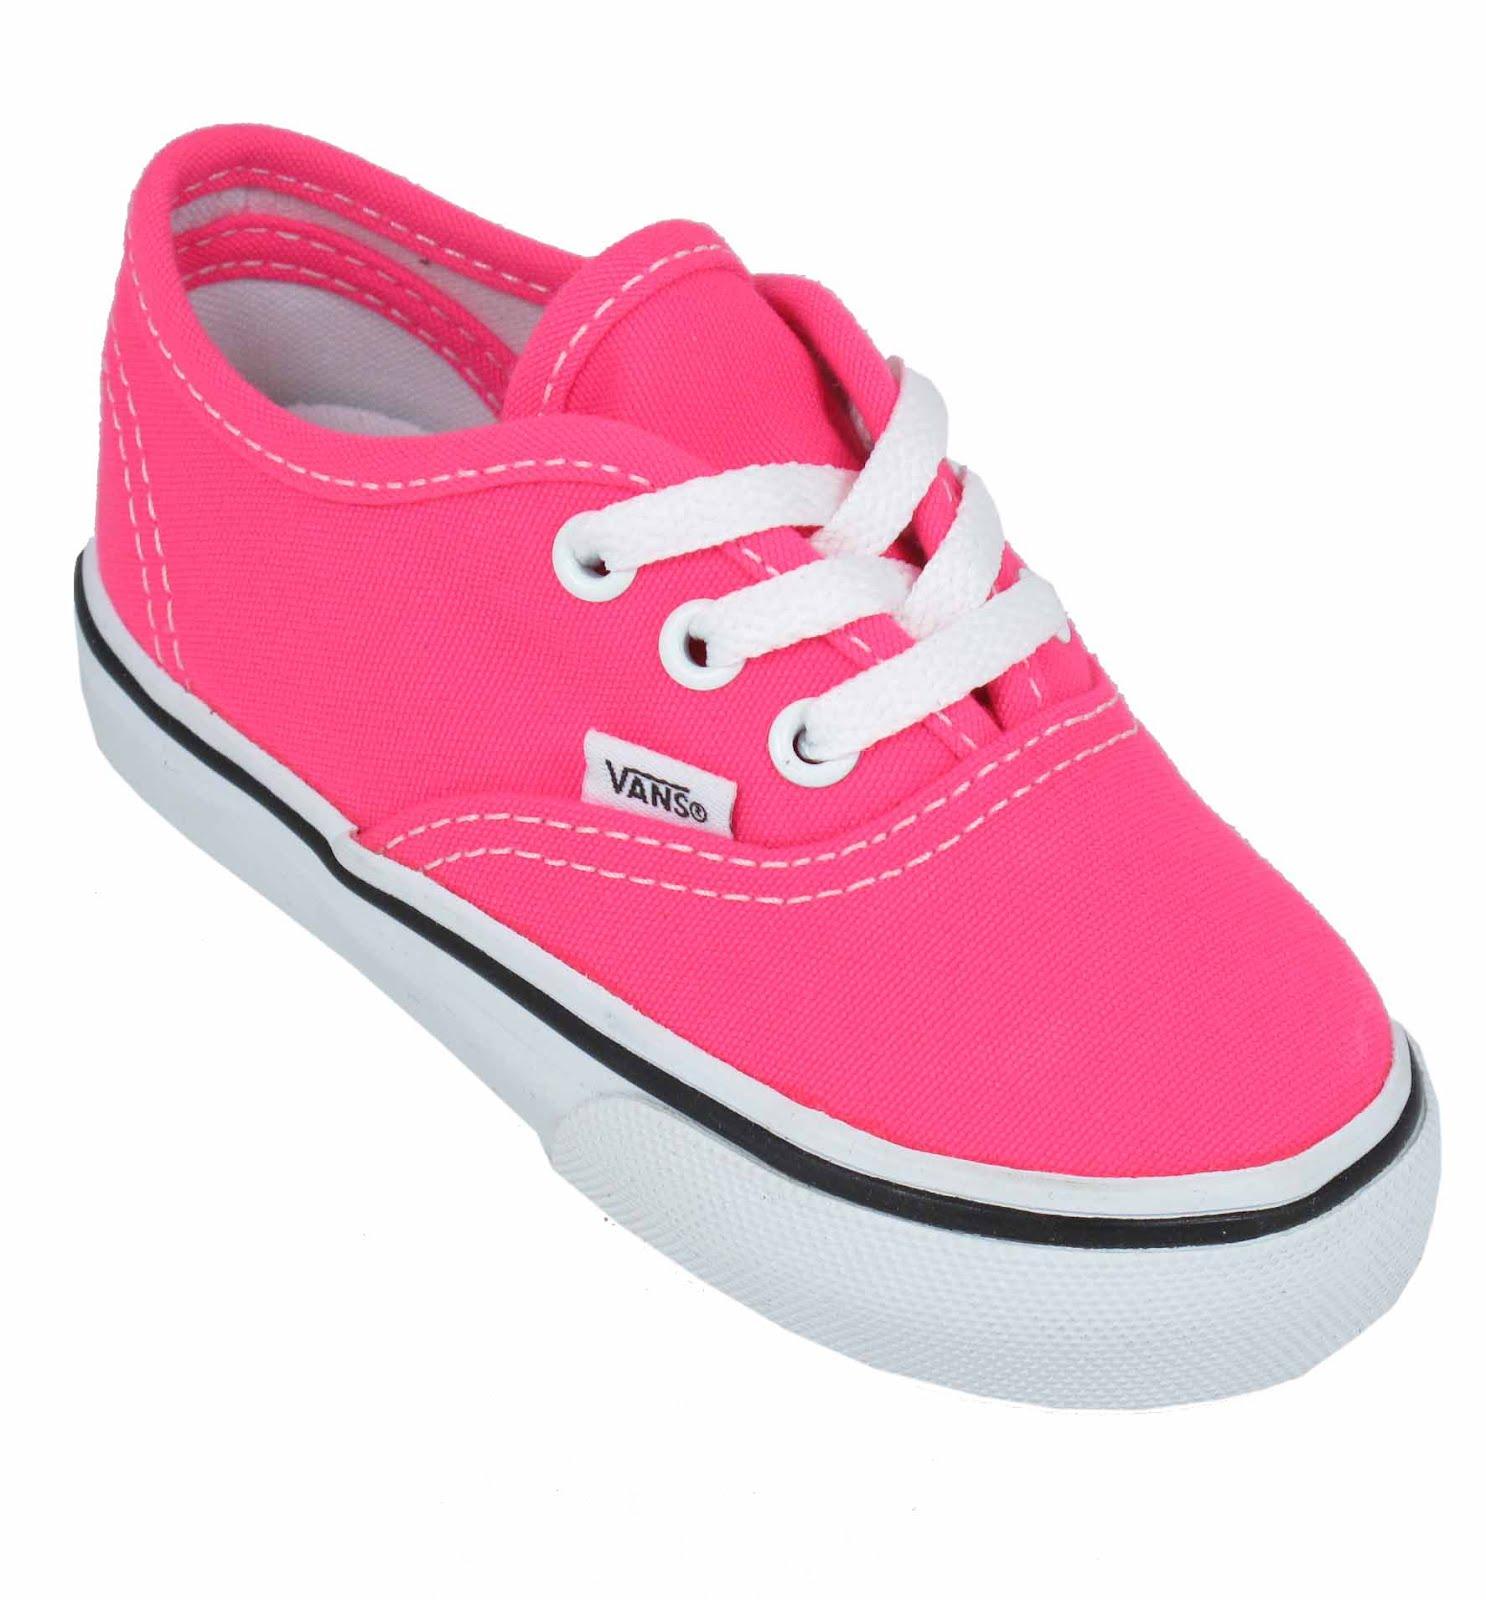 Landau Online: Vans Kids Shoes New Colours!